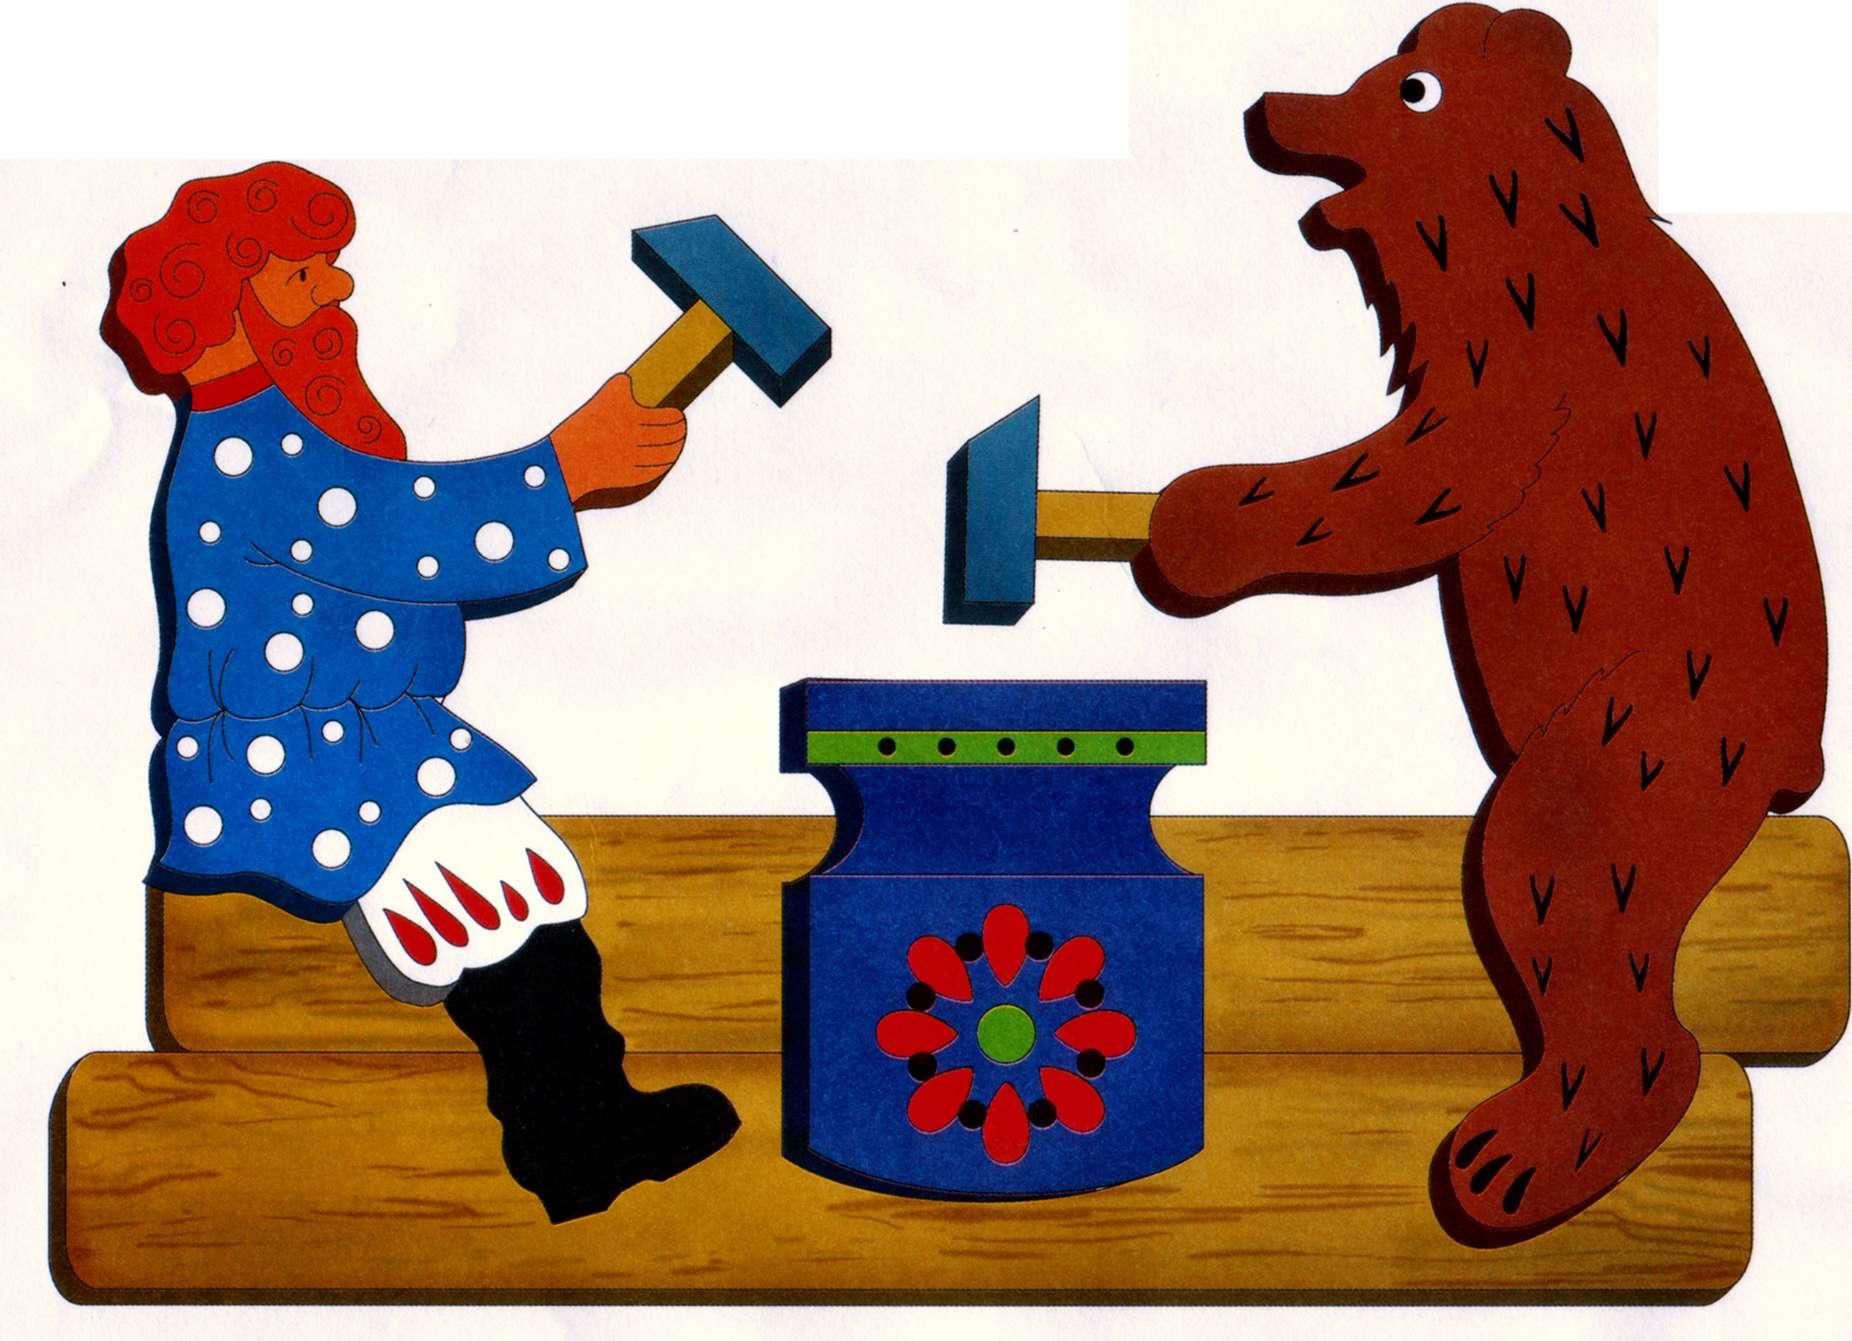 начале богородская игрушка картинки как нарисовать старшая группа кому интересно, ссылку